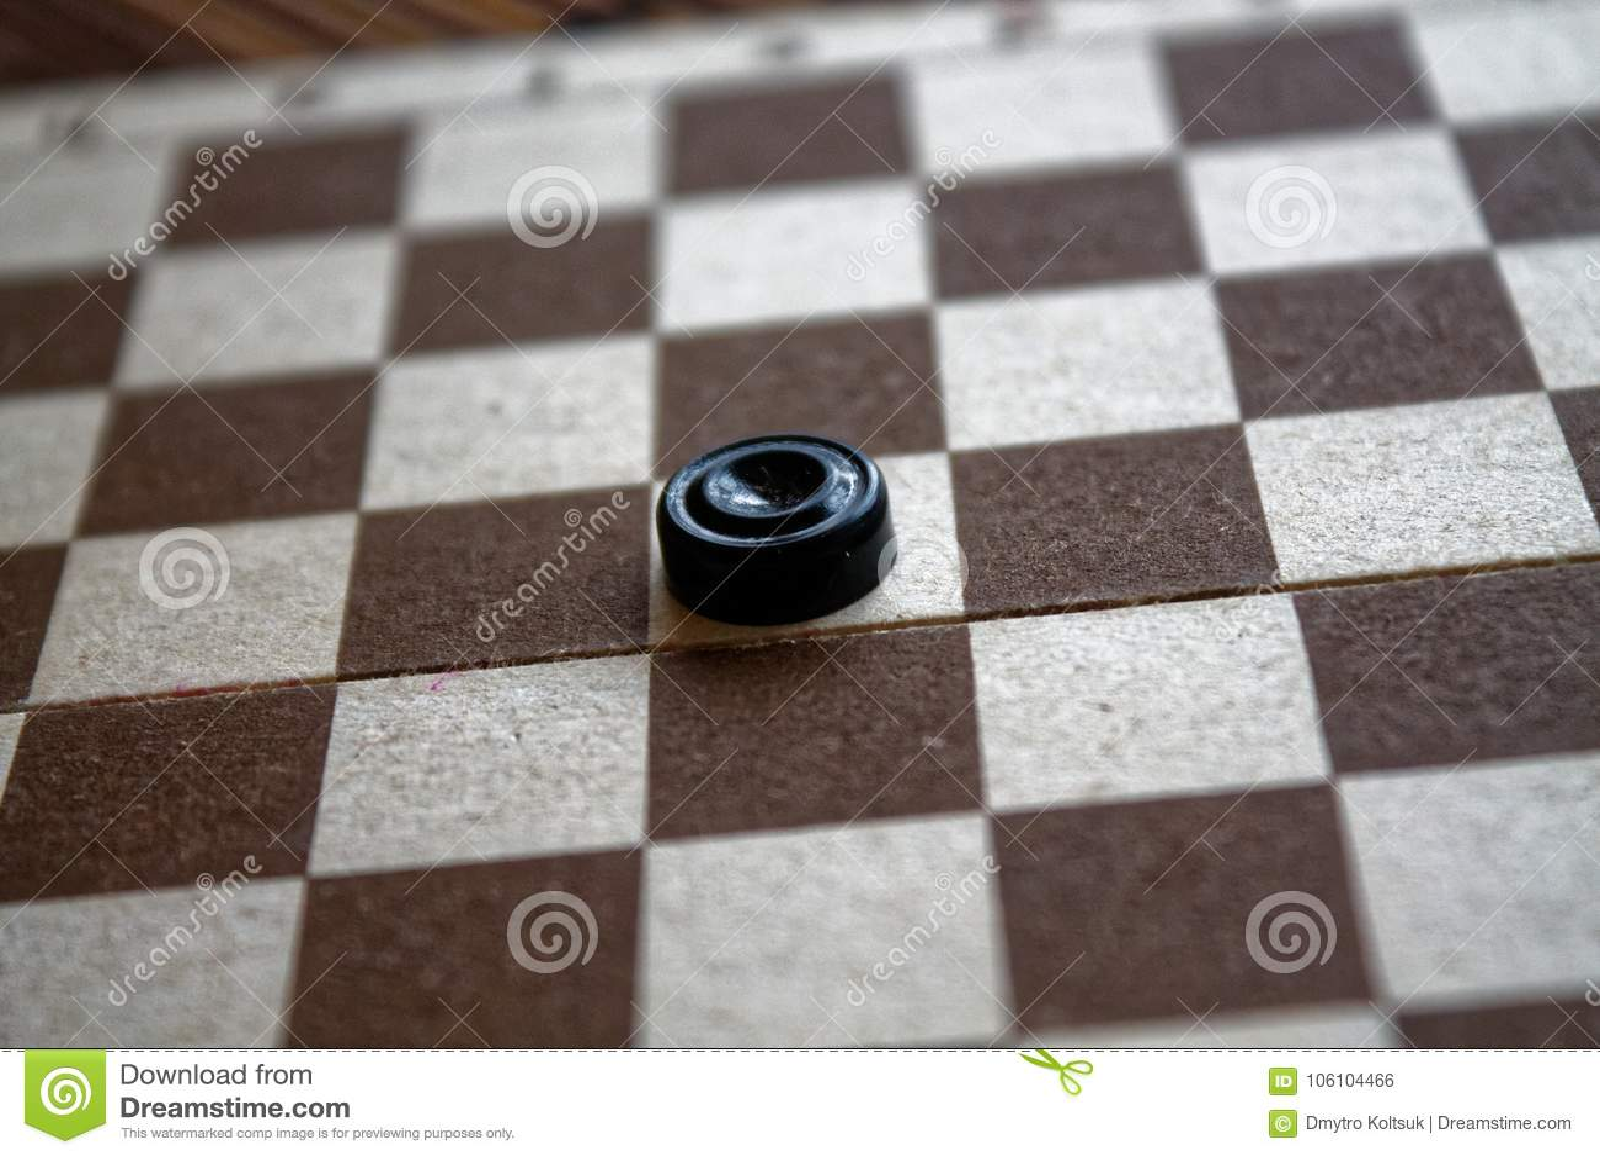 Controleurs in schaakbord klaar voor het spelen Het concept van het spel Een oud spel hobby controleurs op het speelgebied voor e